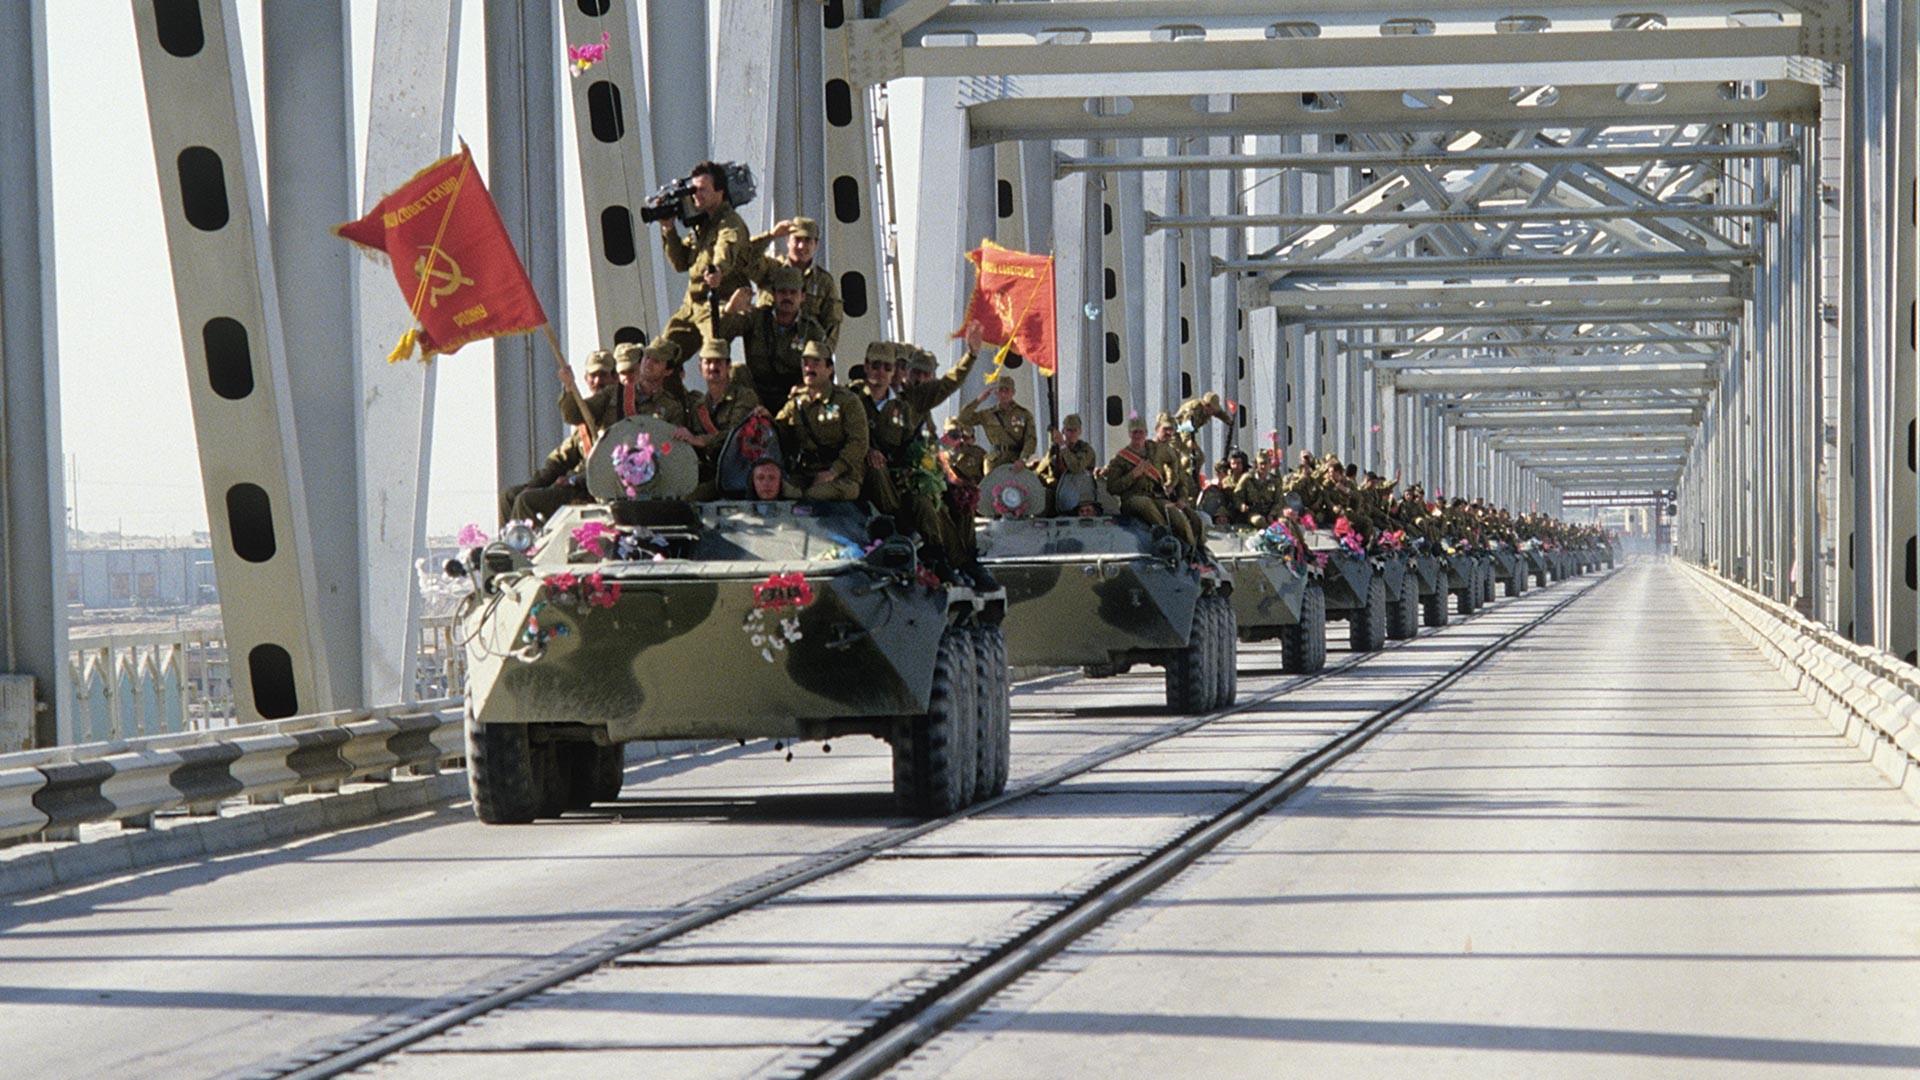 Съветската колона напуска Афганистан, преминавайки границата - моста